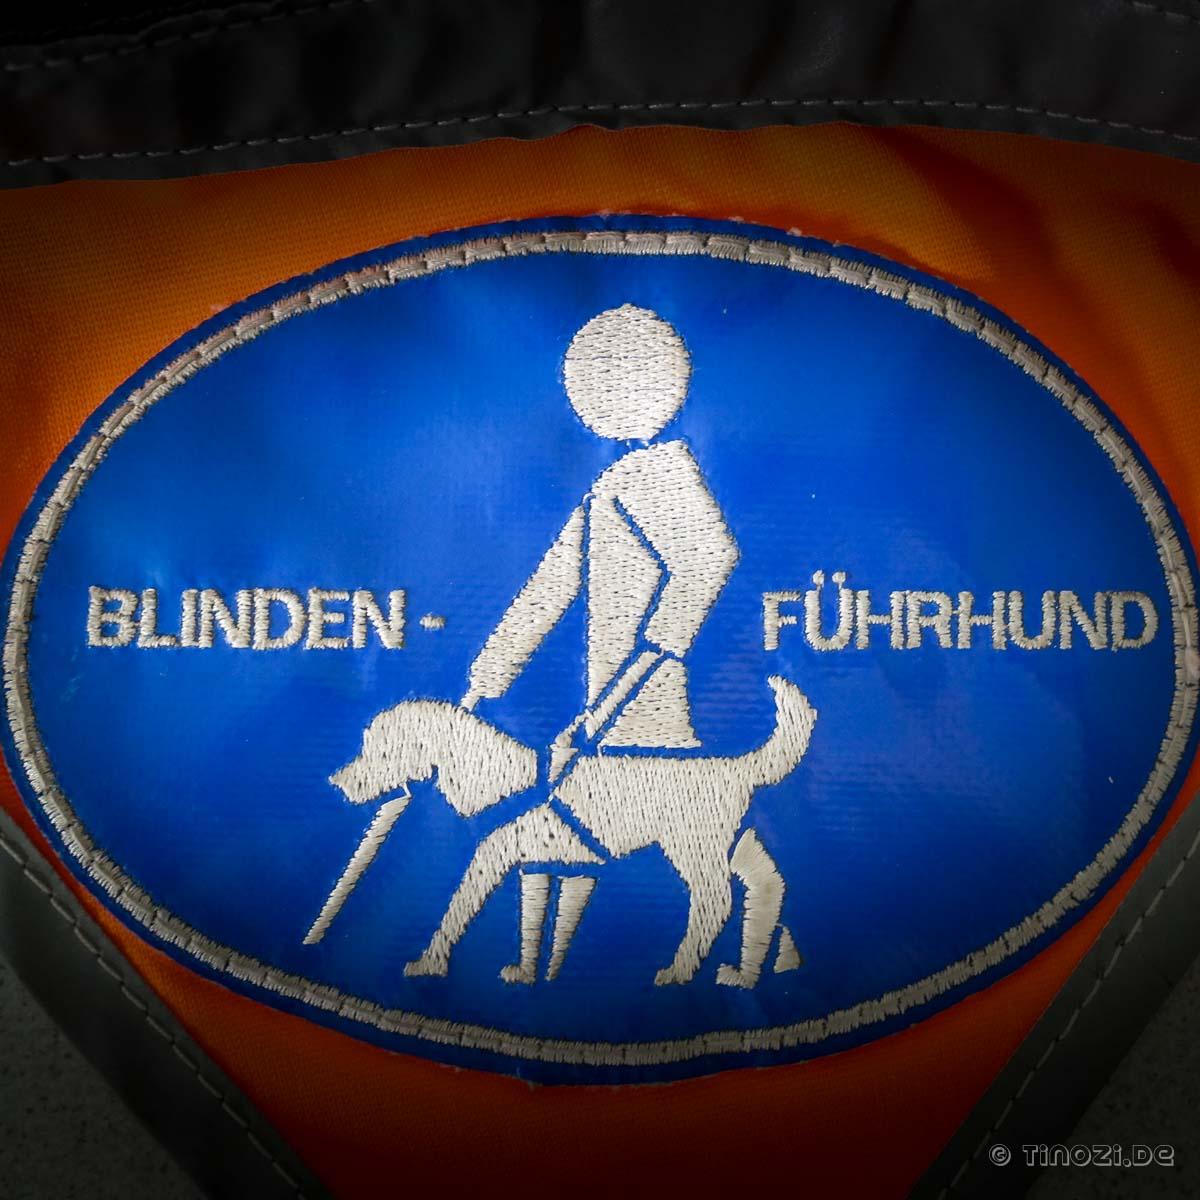 Bildergebnis für blindenführhund